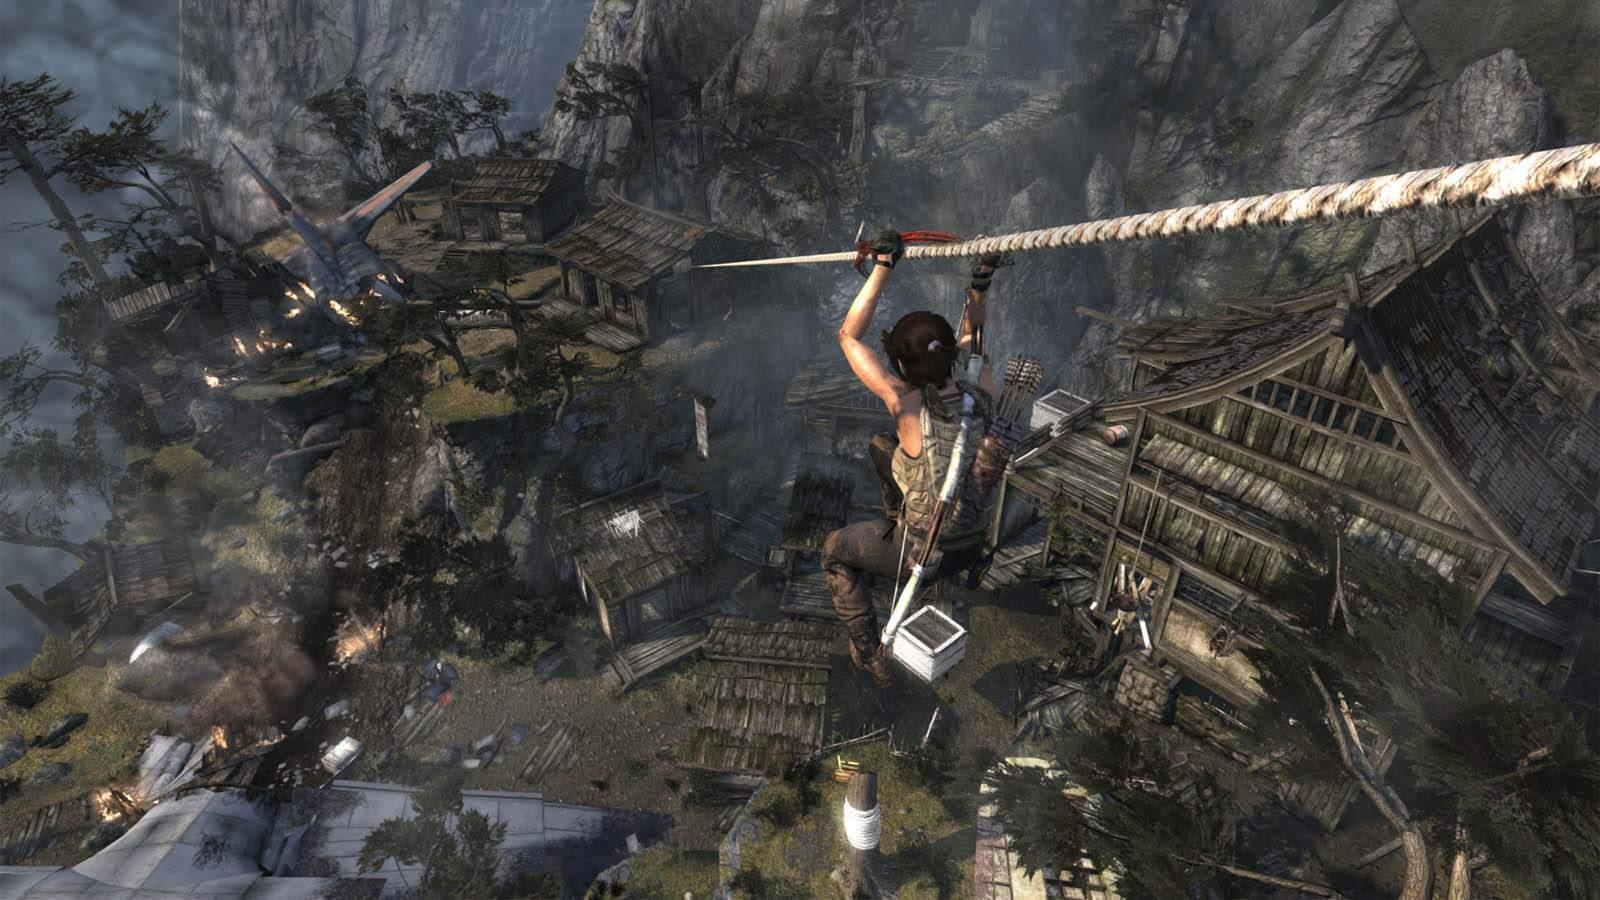 تحميل لعبة Tomb Raider 2013 مضغوطة برابط واحد مباشر كاملة مجانا